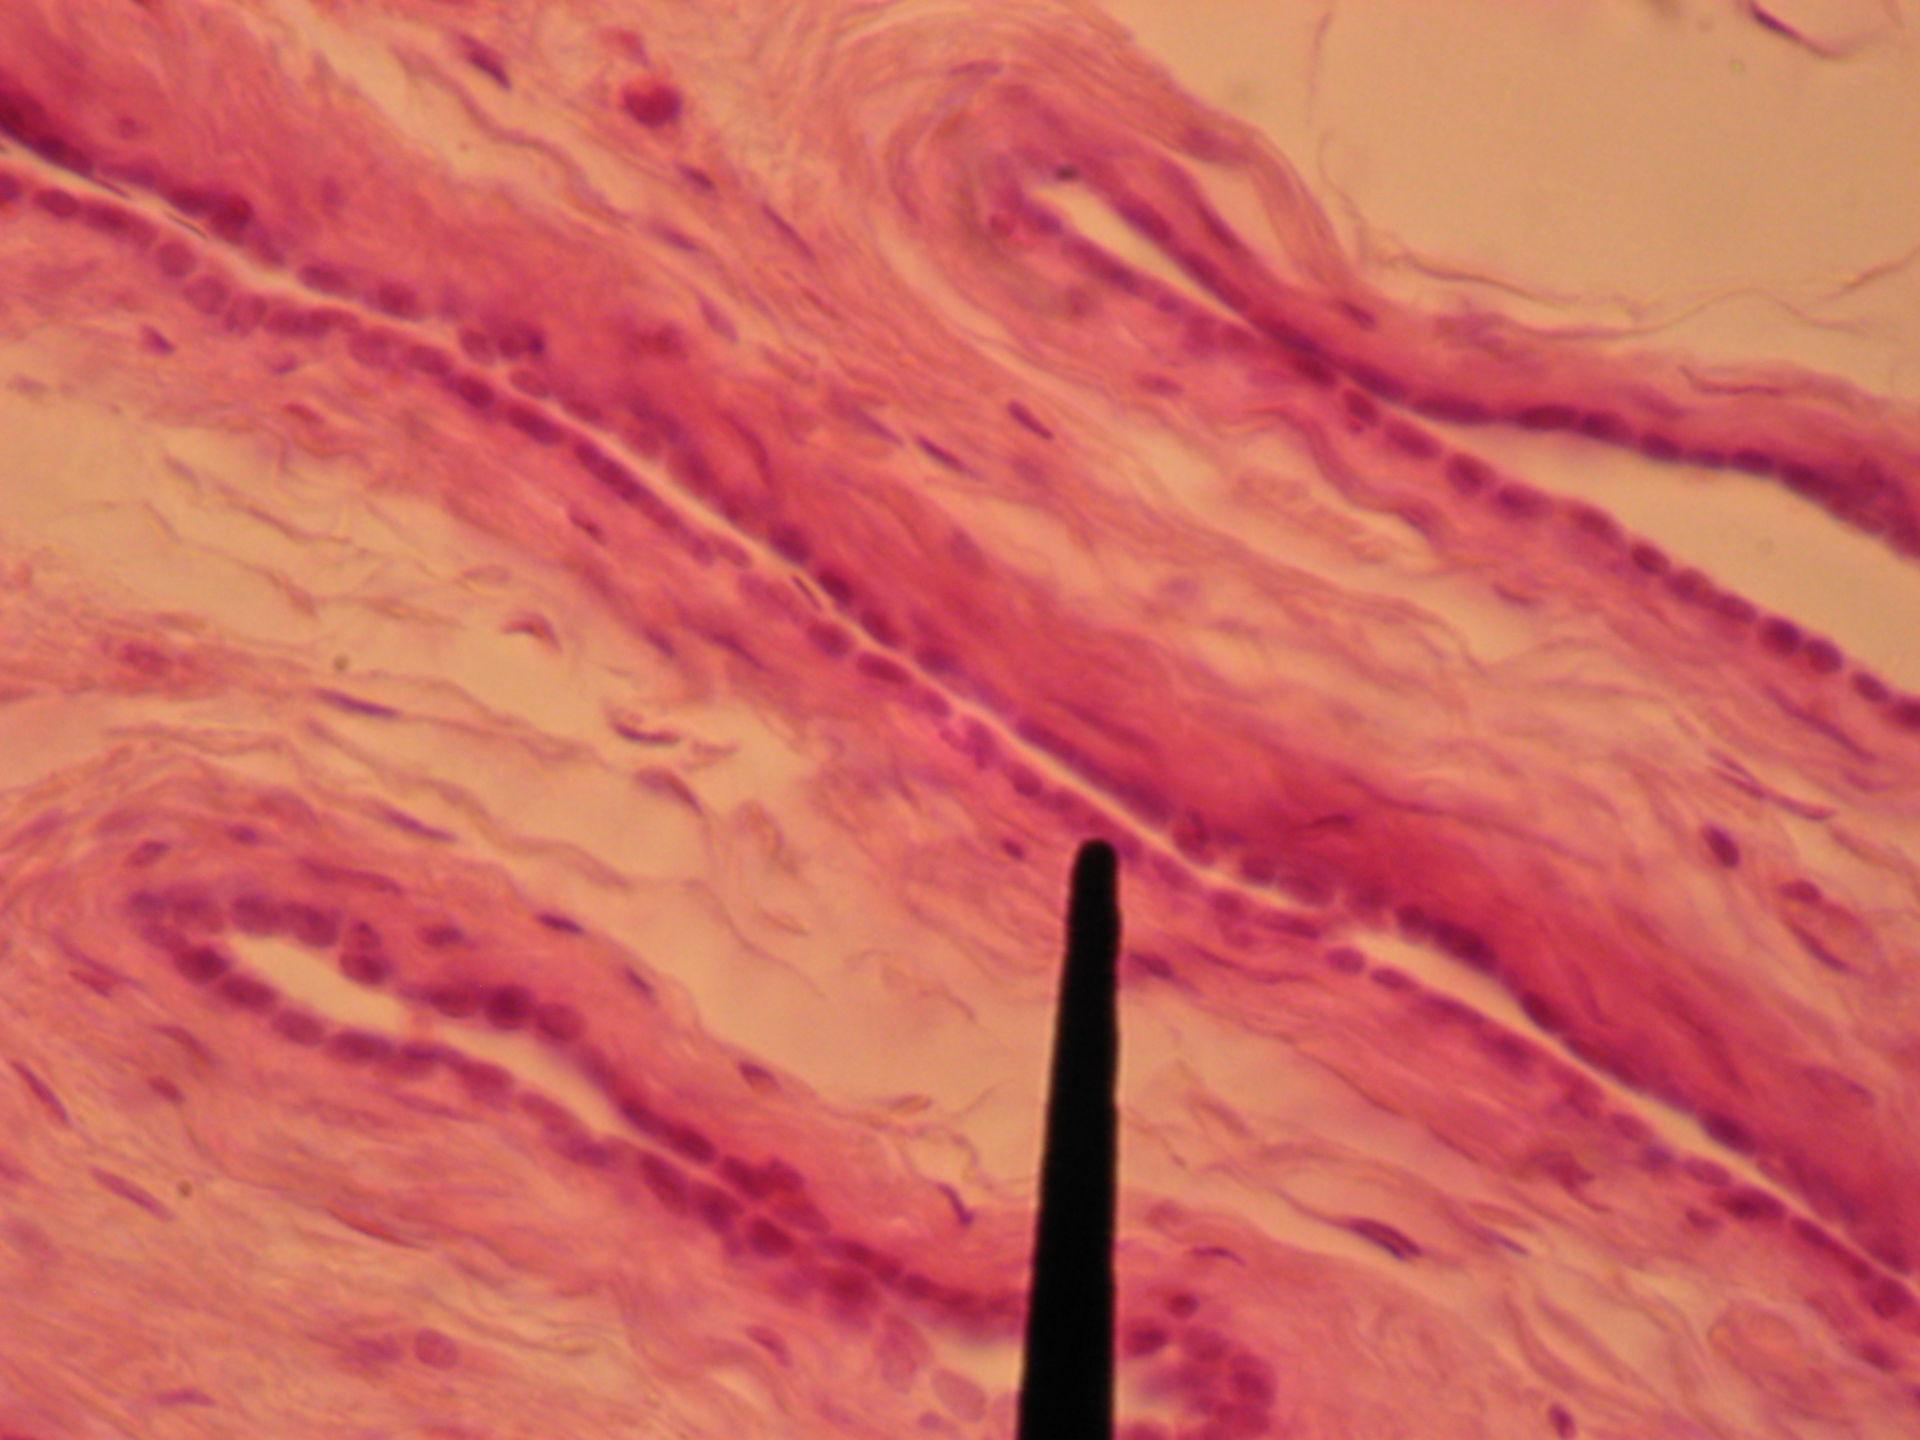 Hoden des Bullen (6) - Tubuli seminiferi recti